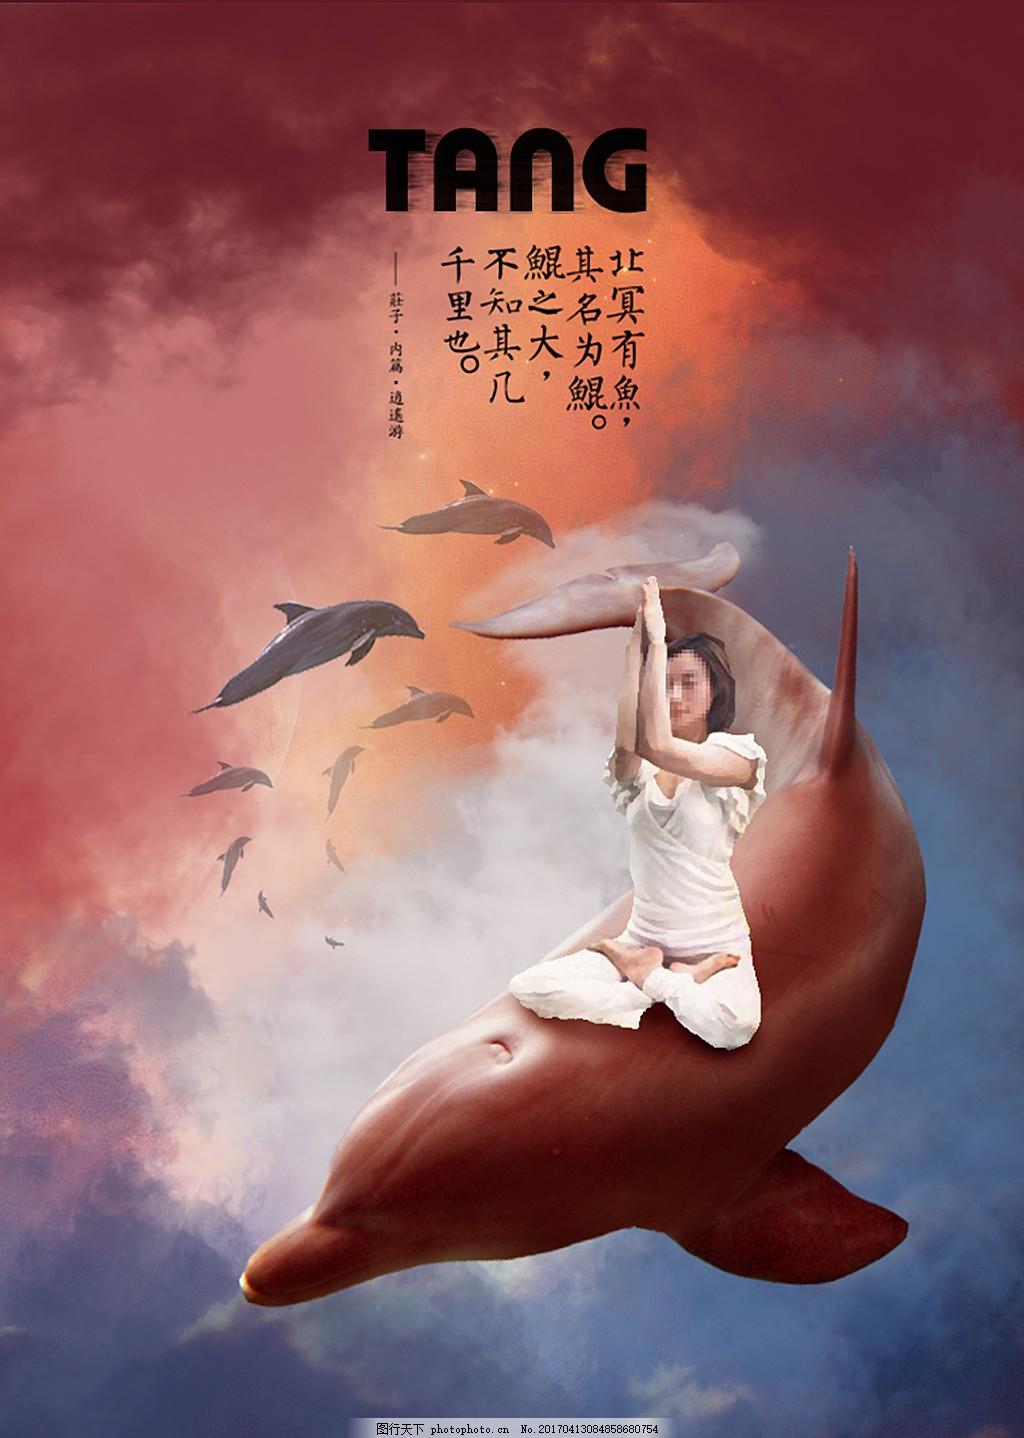 大鱼海棠古风海报 红色 唯美 动漫 写真海报 海豚 复古 古典